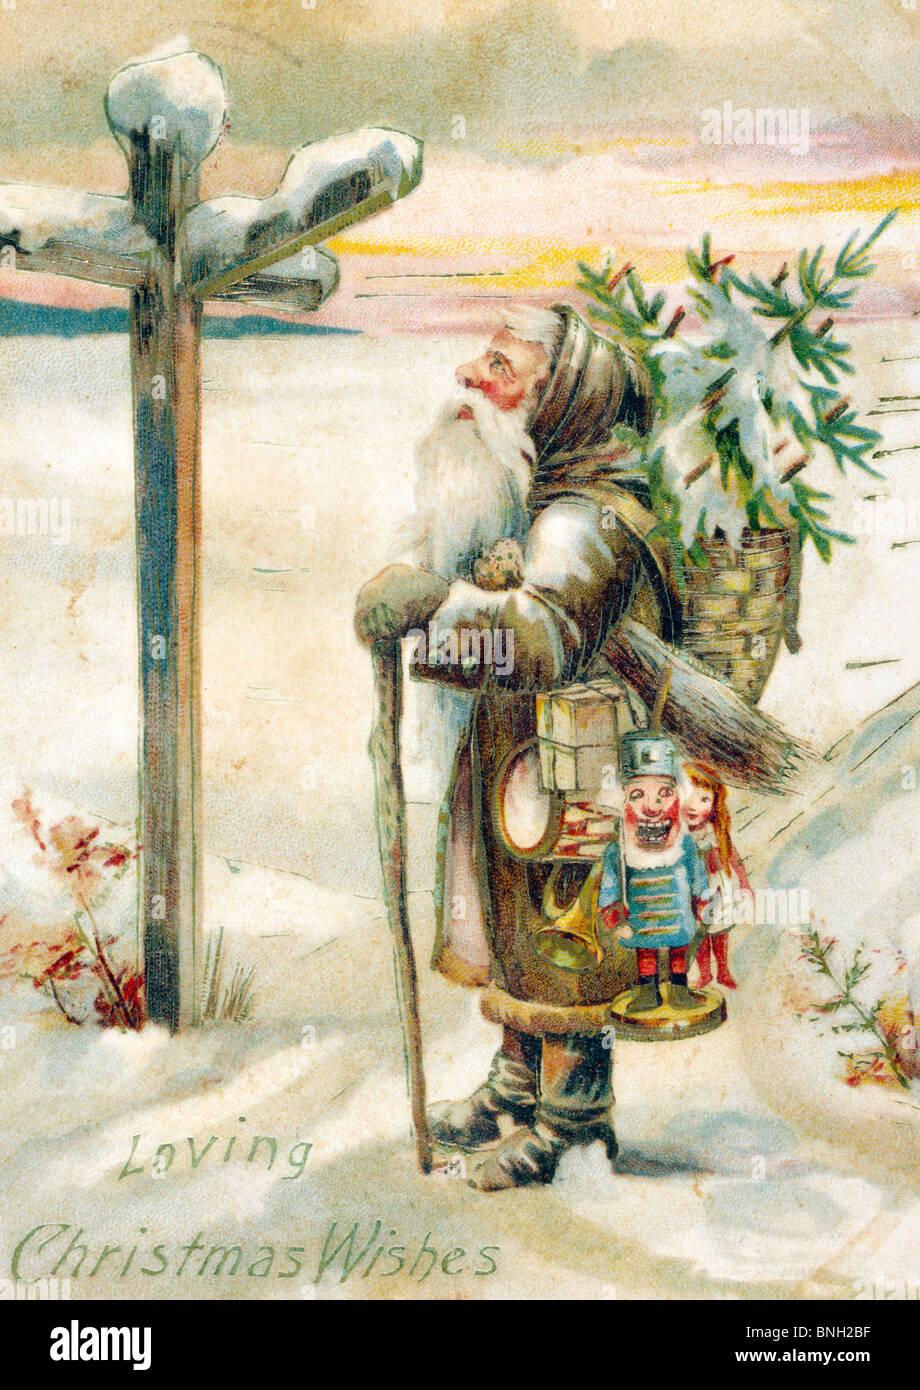 Loving Christmas Wishes, Nostalgia Cards - Stock Image